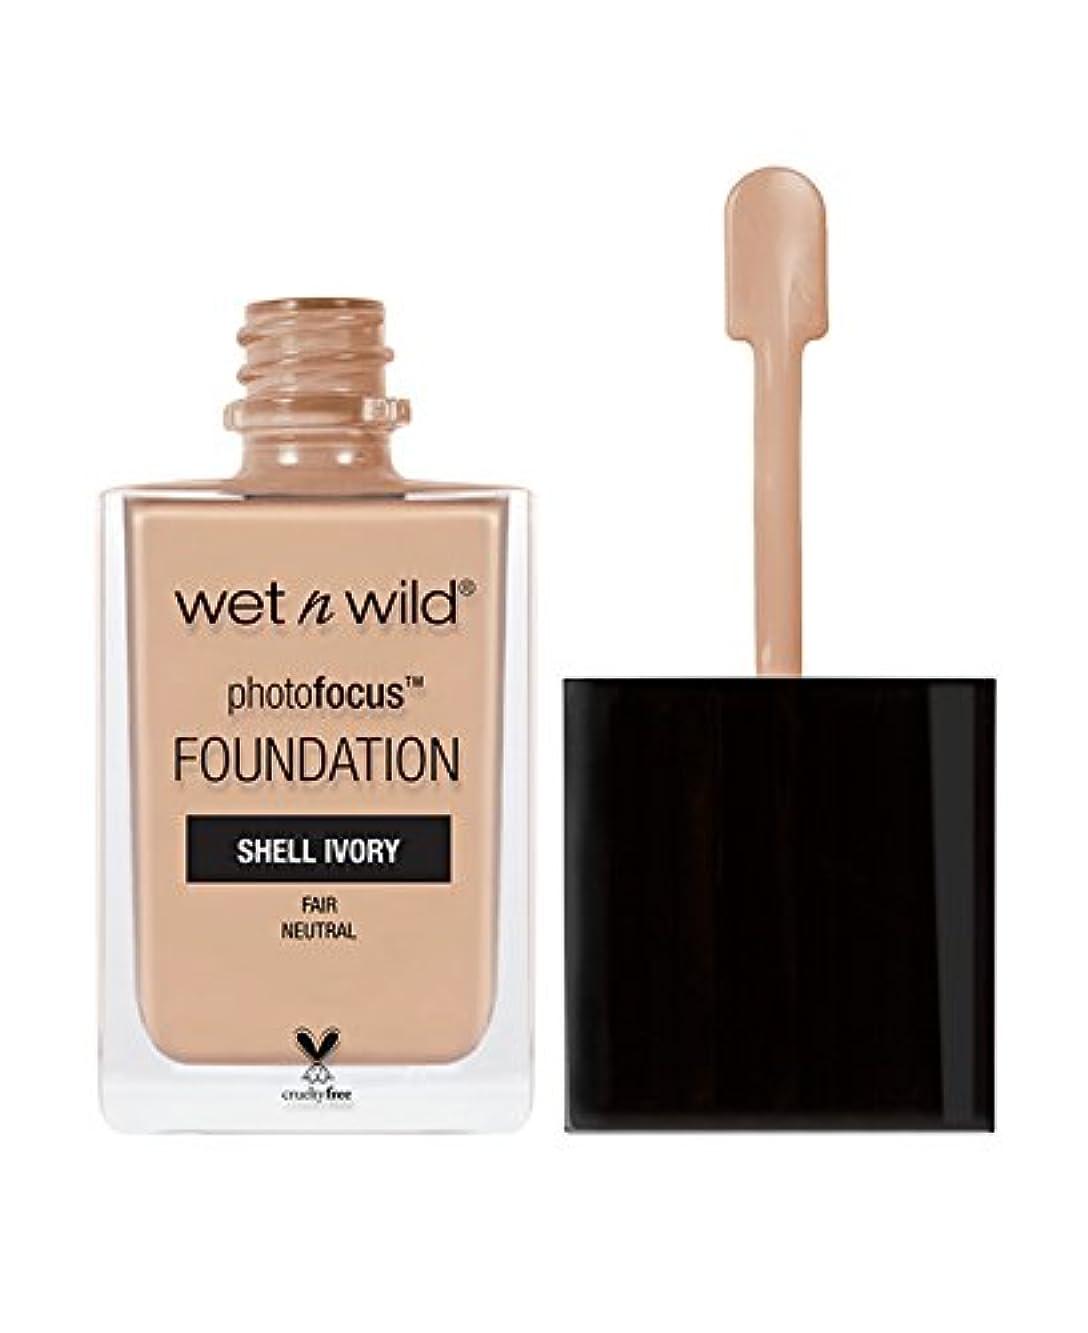 遠洋のテレマコスびっくりするWET N WILD Photo Focus Foundation - Shell Ivory (並行輸入品)